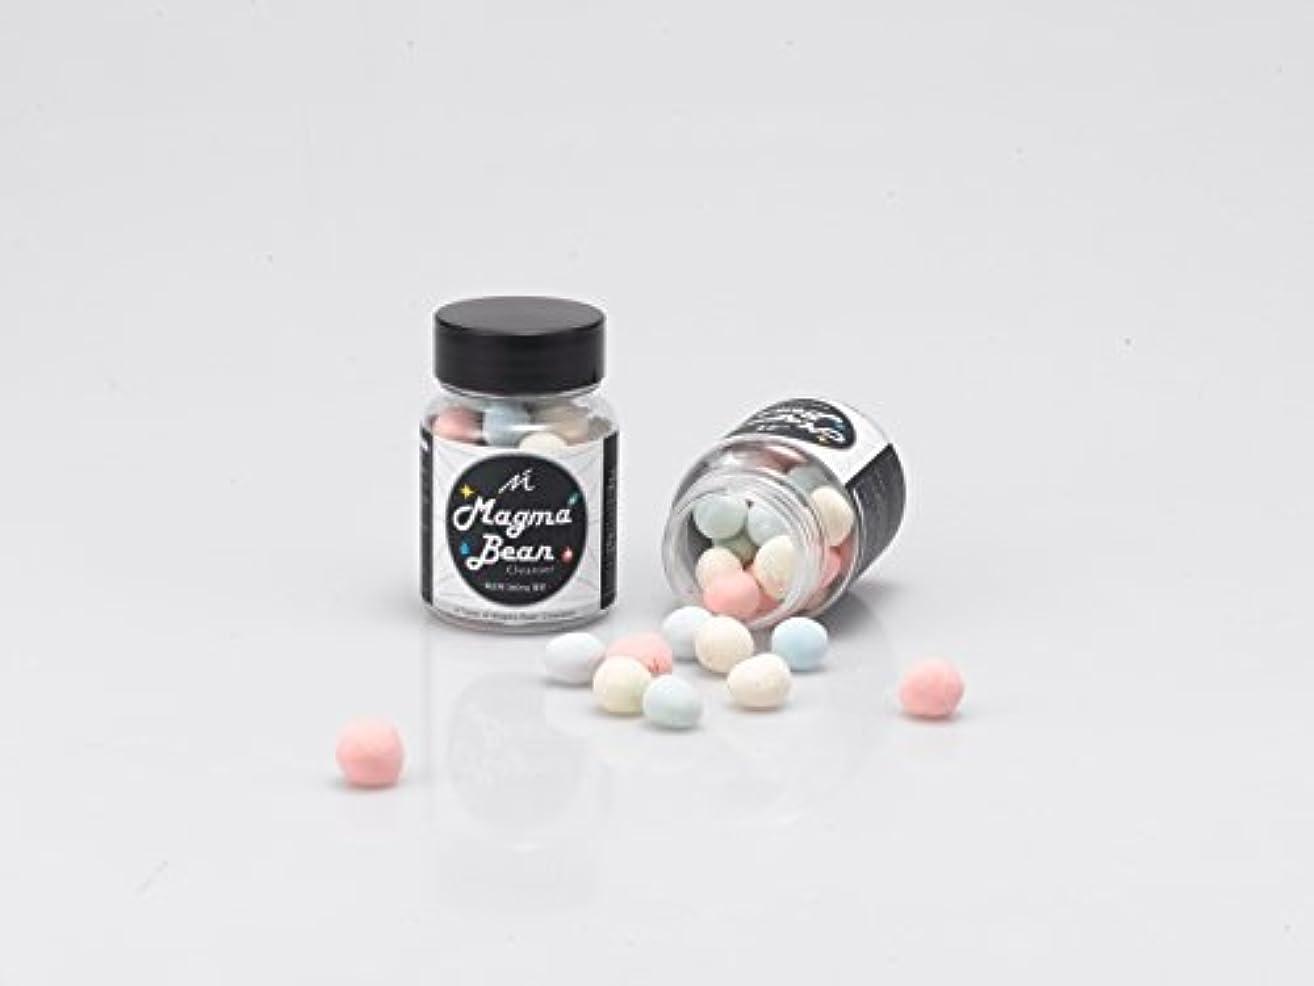 ヘルパー鮮やかな粒NMC マグマ ビーン ソリッド ソープ/Magma Bean Solid Soap (34g) [並行輸入品]